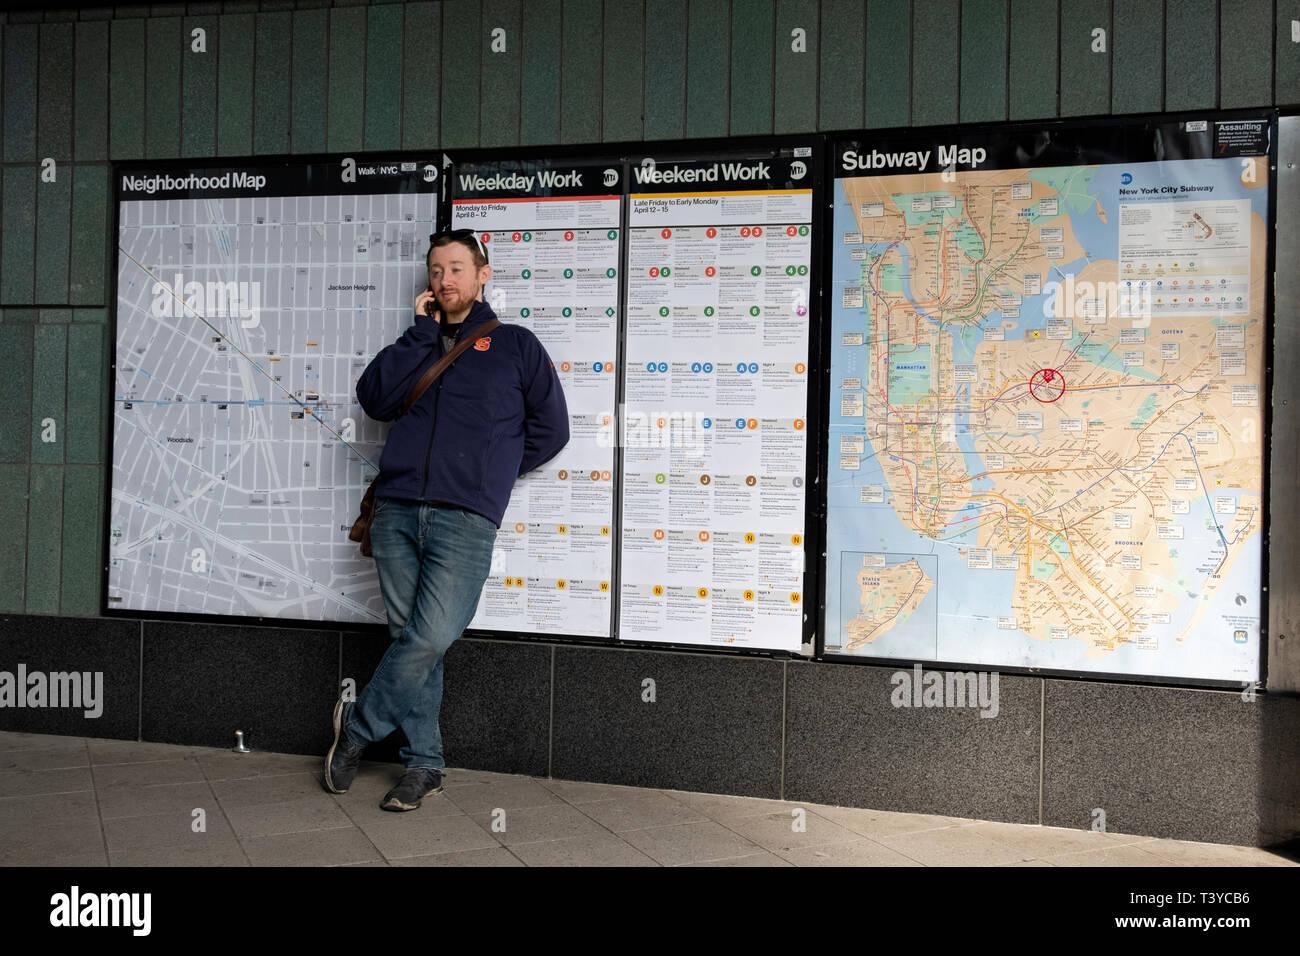 Jackson Heights Subway Map.Nyc Subway Map Stock Photos Nyc Subway Map Stock Images Alamy